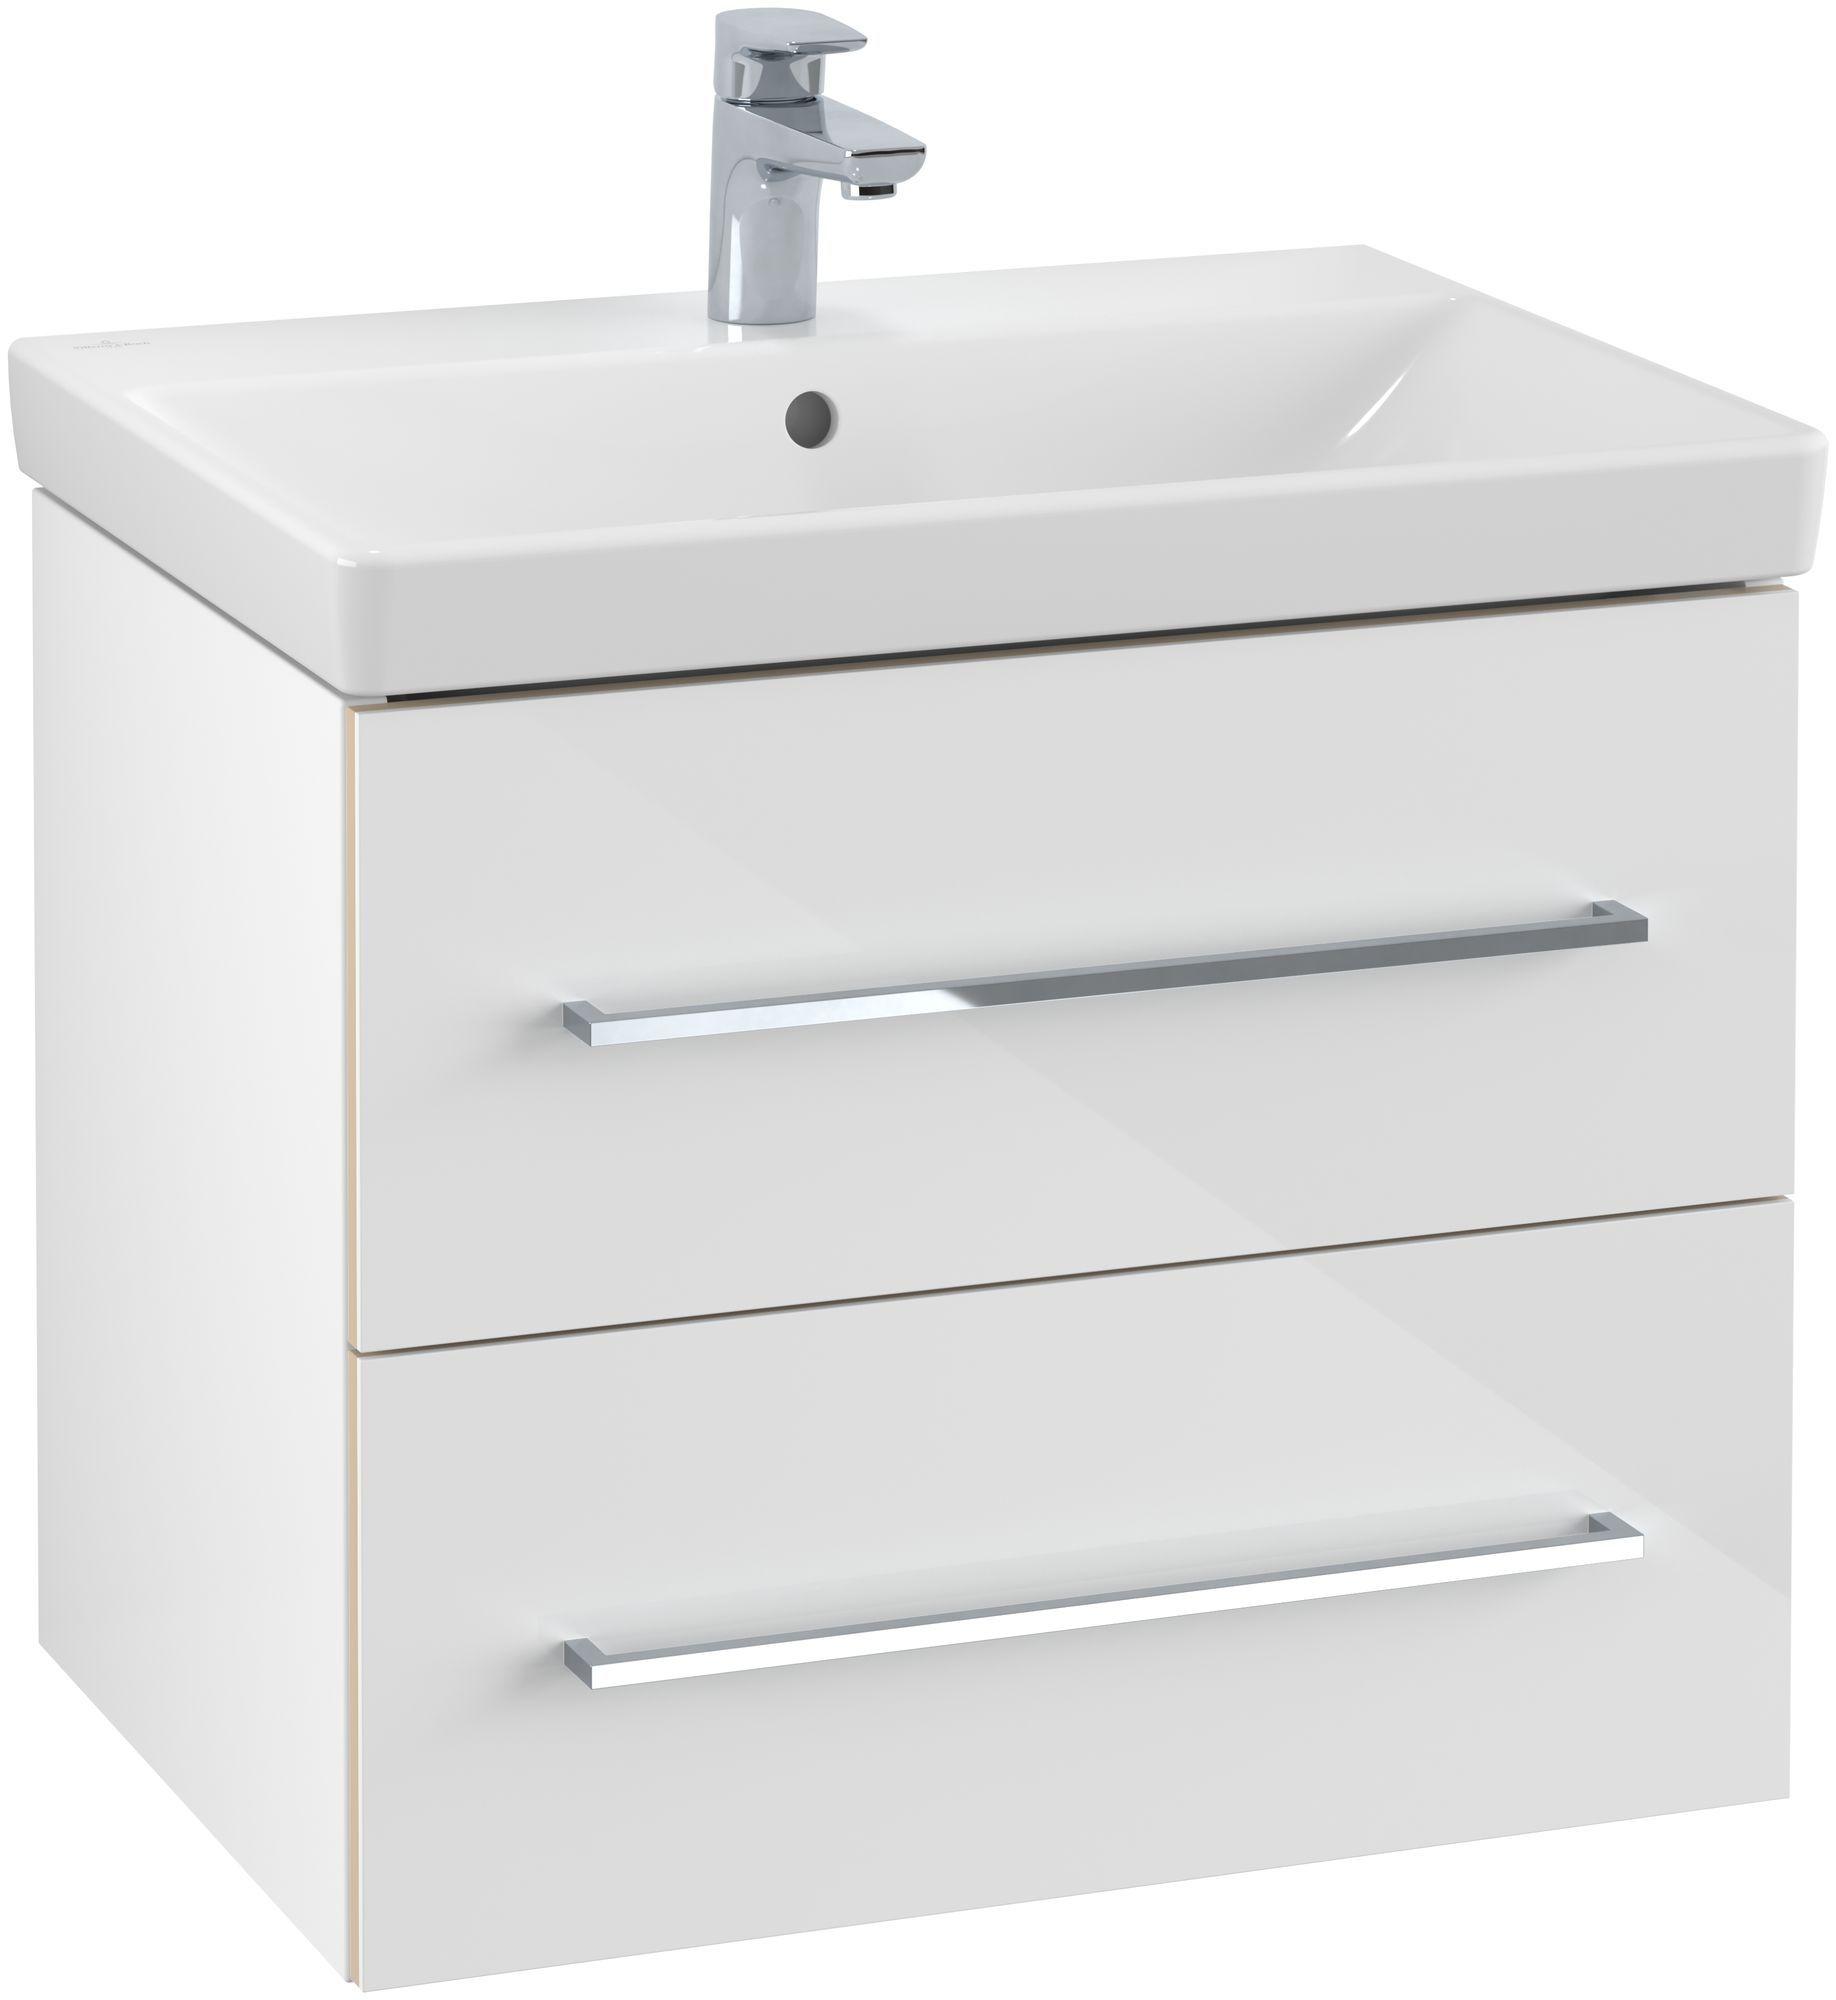 Villeroy & Boch Avento Waschtischunterschrank mit 2 Auszügen B:61,8 x H:52 x T:44,7 cm crystal white A89000B4